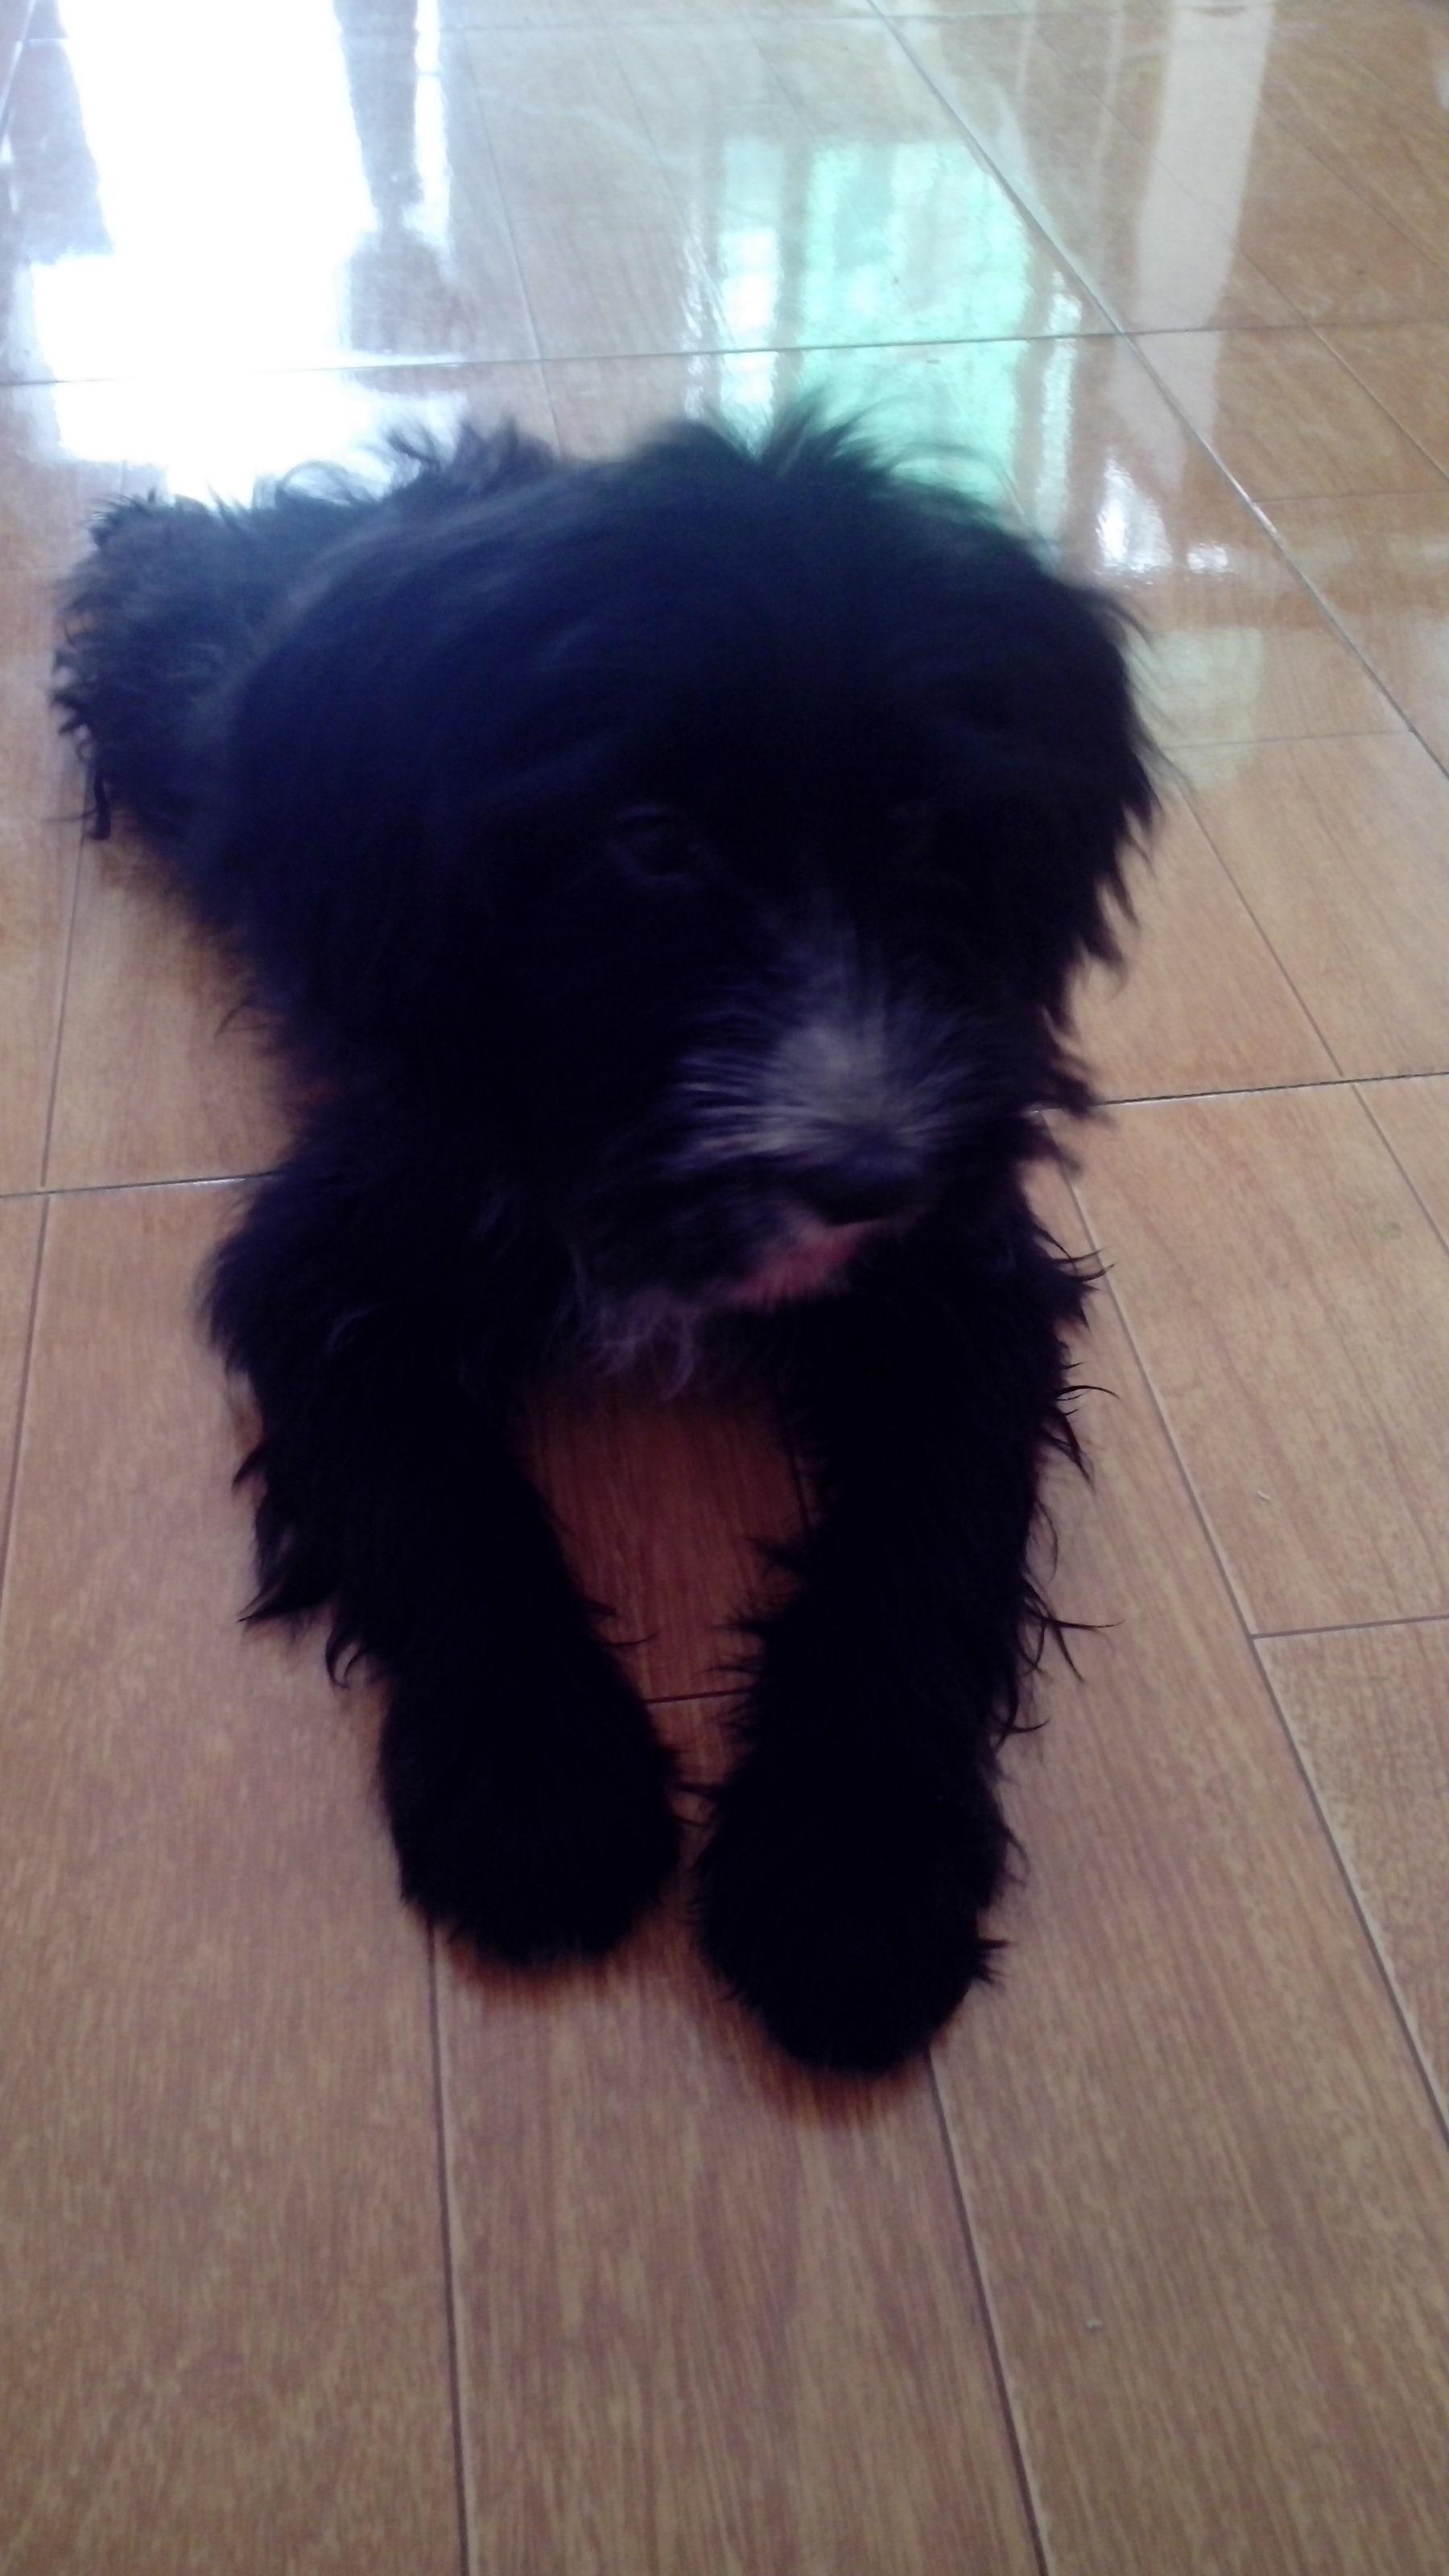 长耳朵短尾巴的狗_有谁知道这种长耳朵短尾巴的狗是什么品种的吗?_百度知道